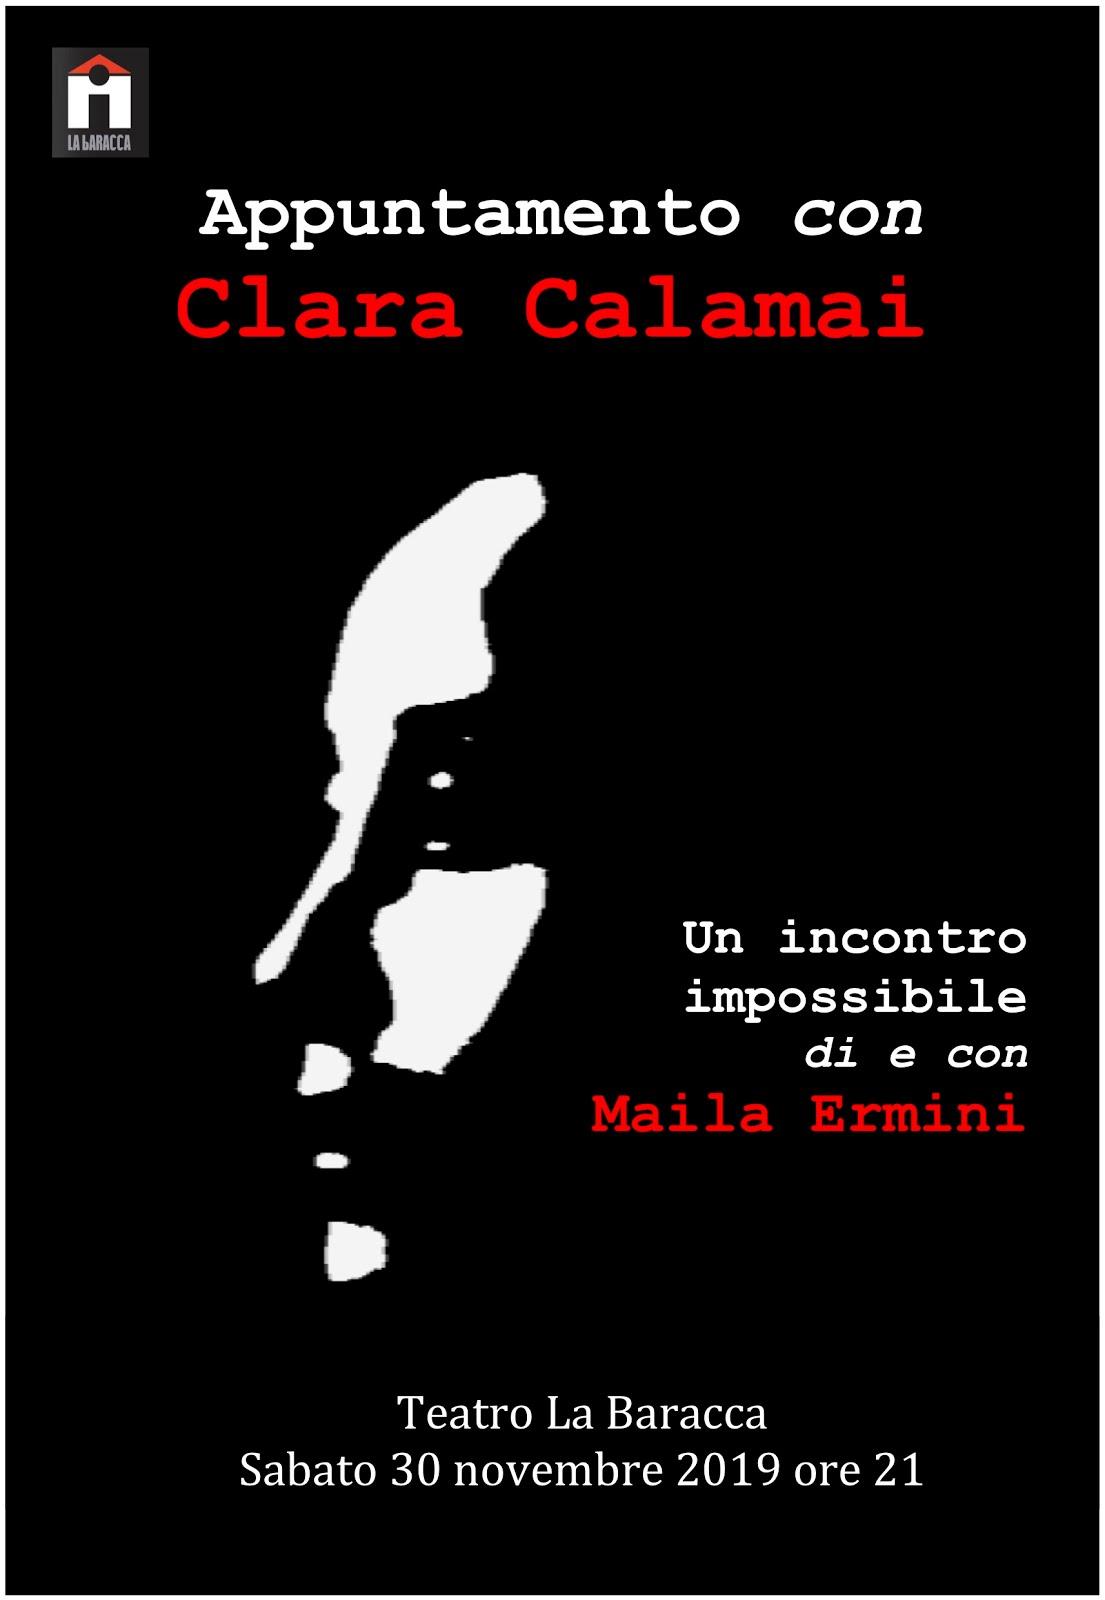 Appuntamento con Clara Calamai